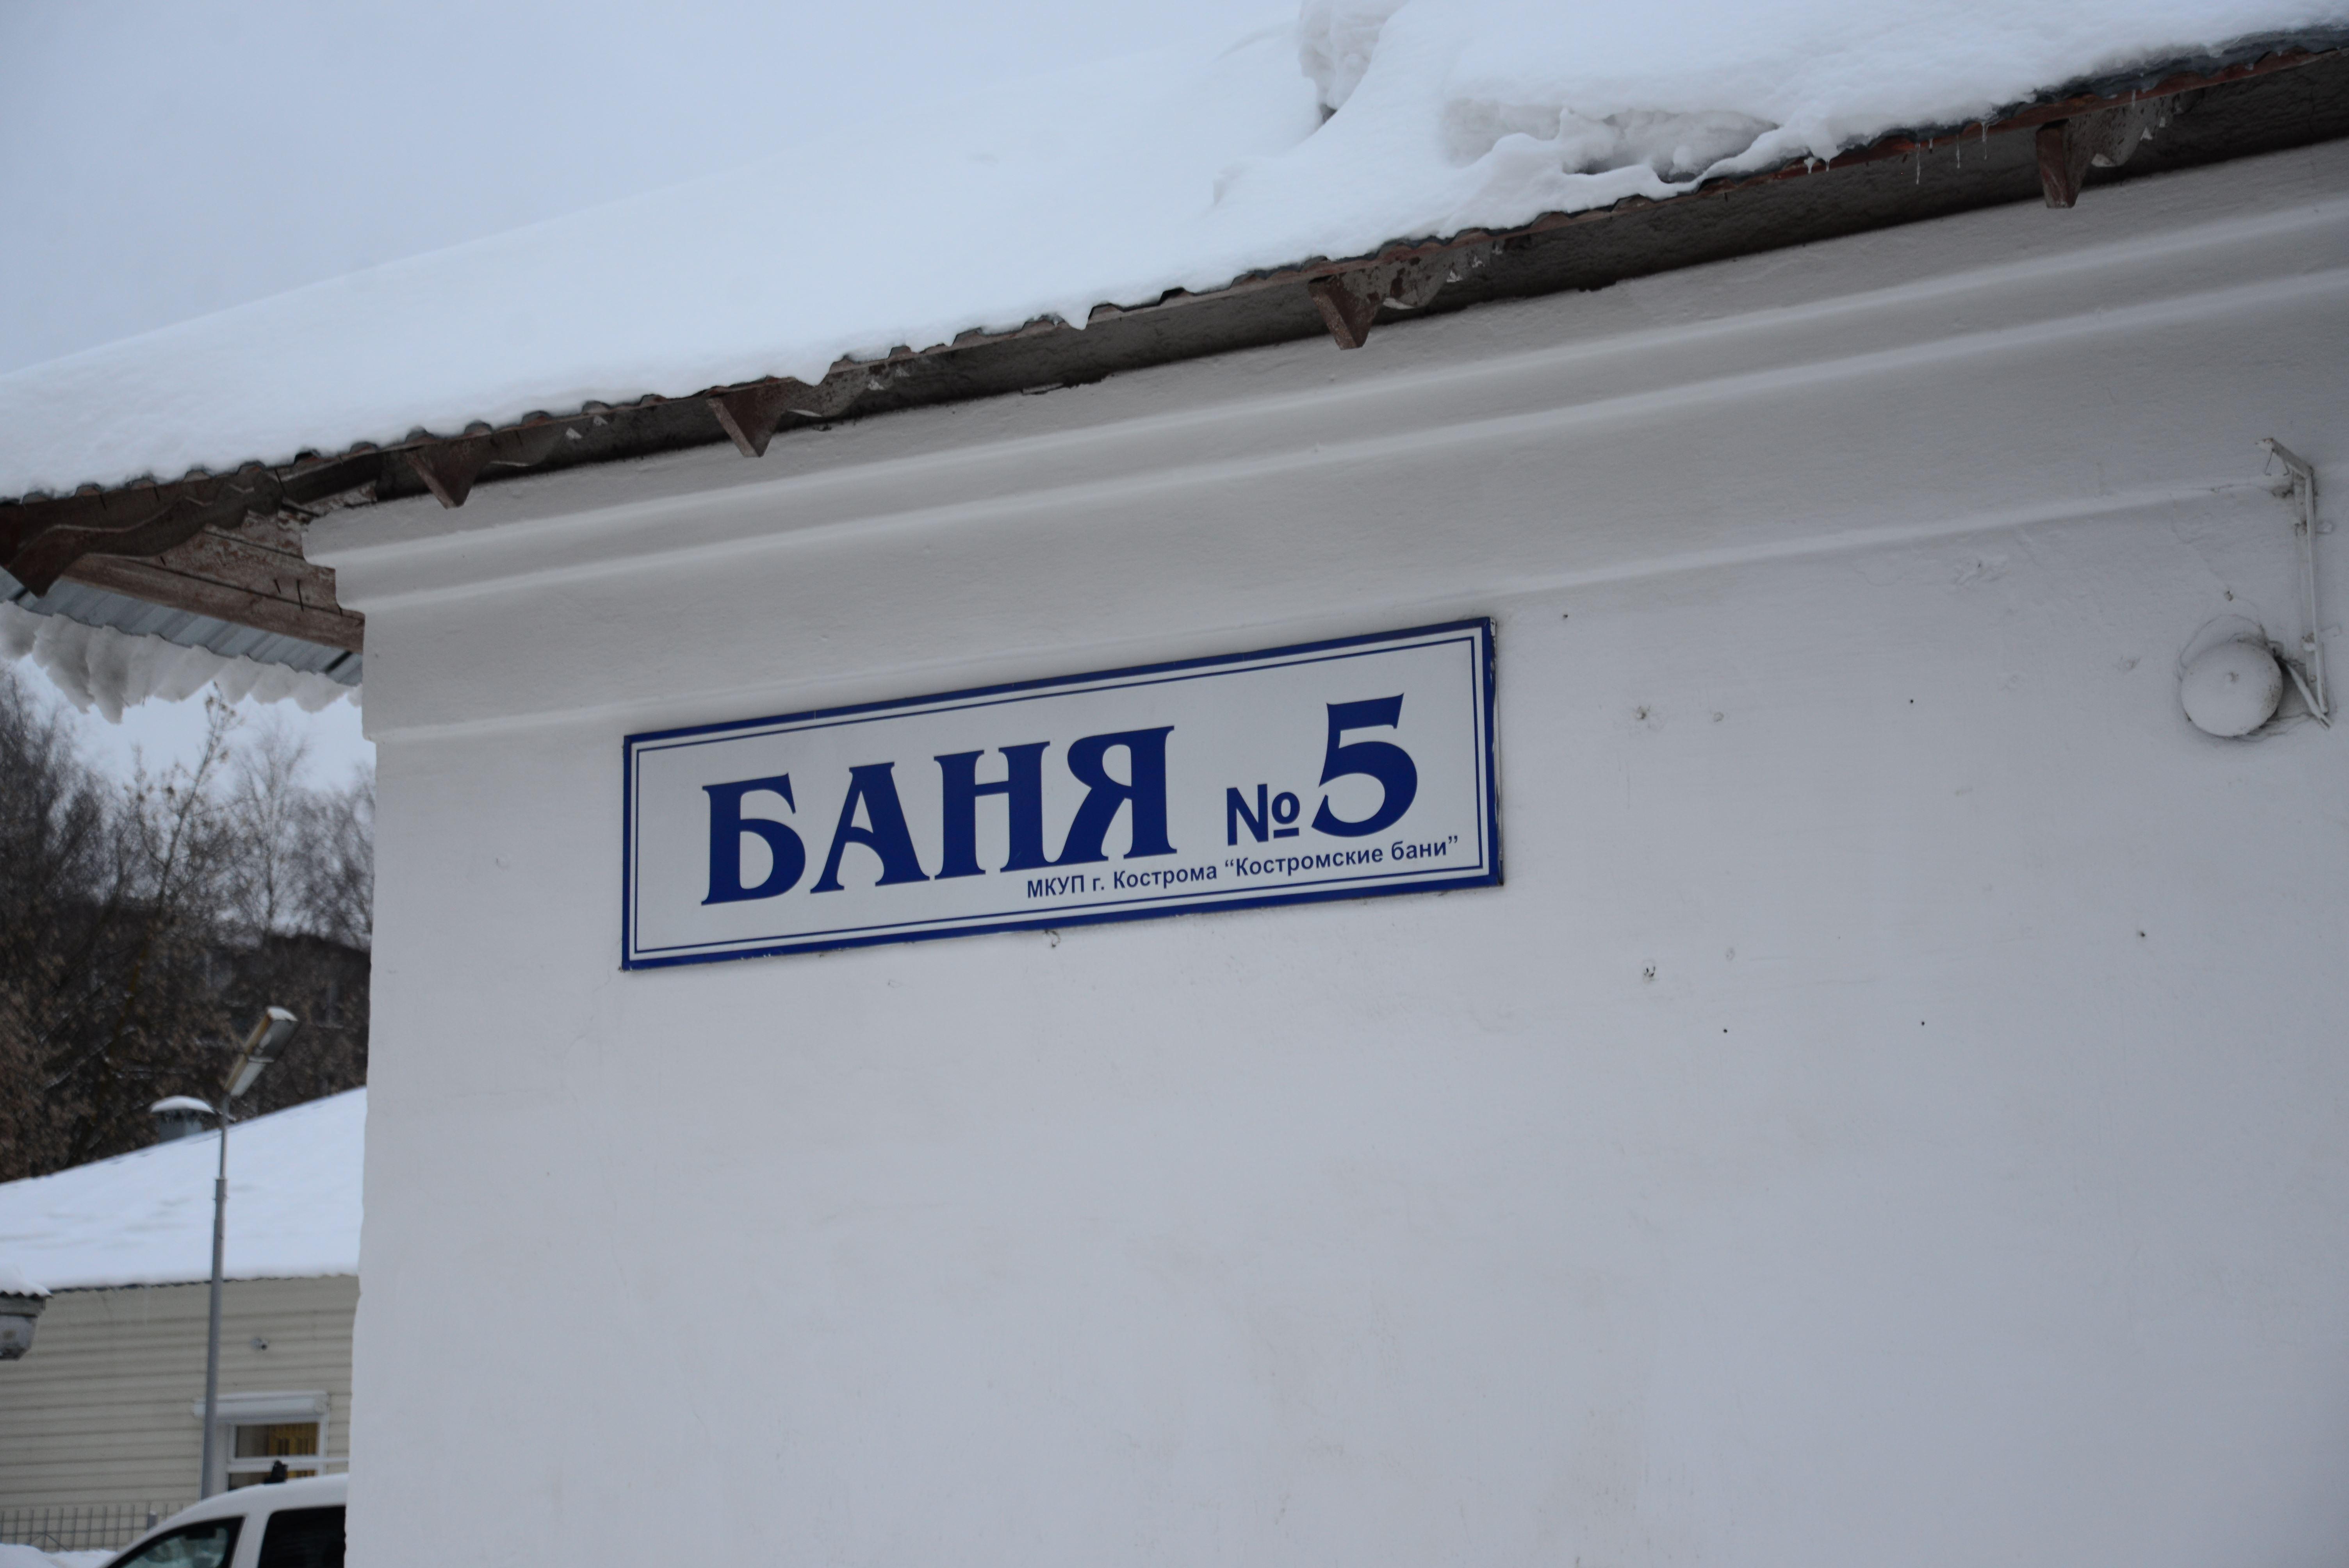 Со следующей среды баня № 5 на Кинешемском шоссе в Костроме меняет график работы